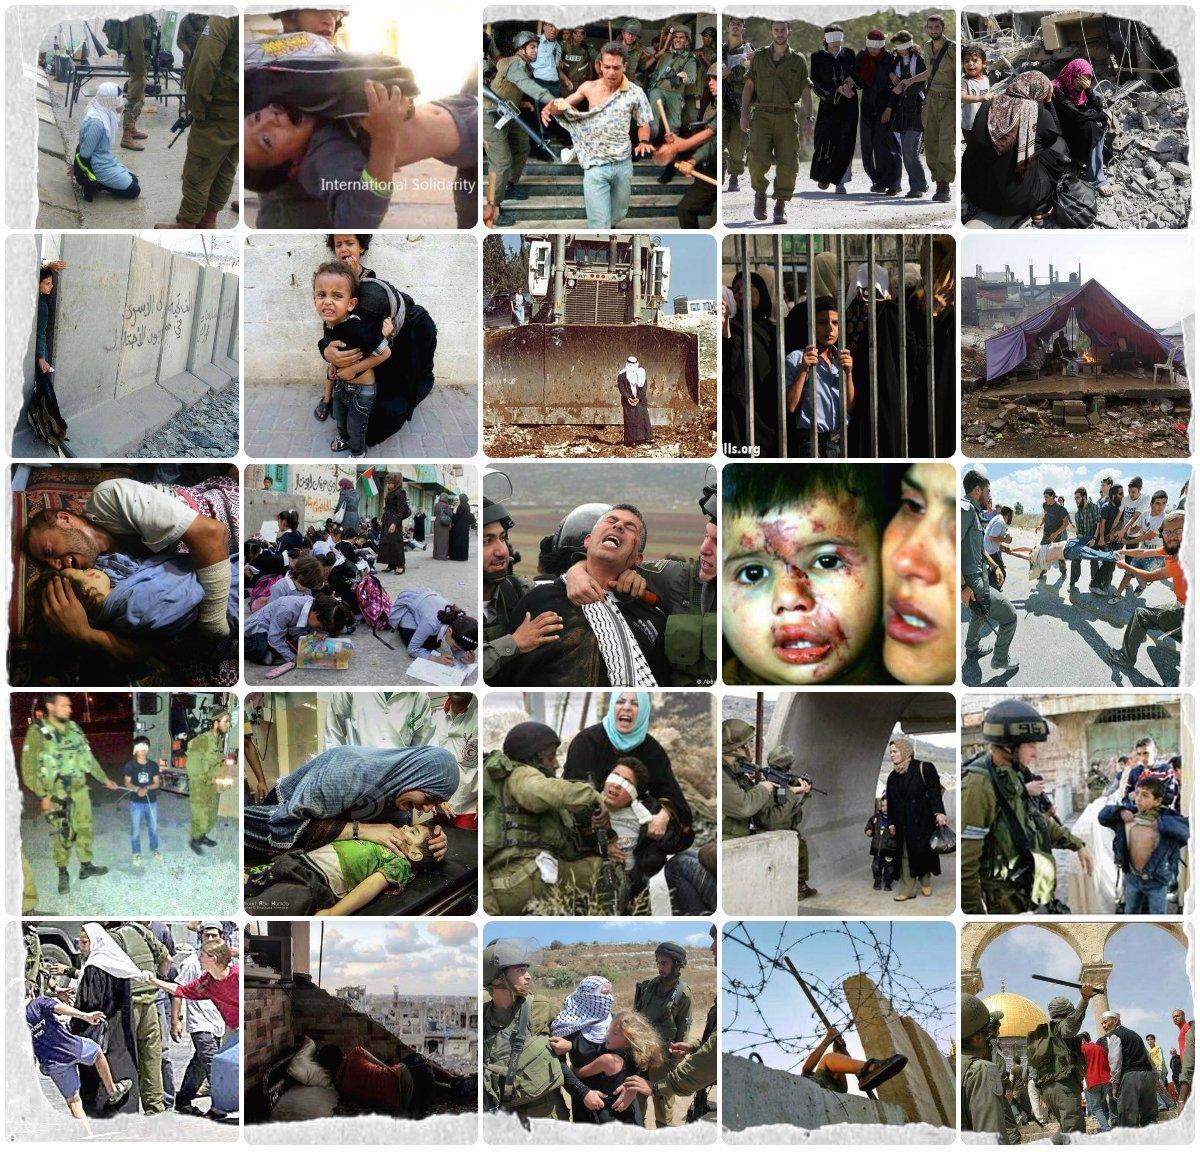 #Palestine &gt; Plus de visas pour Human Rights Watch jugée trop &quot;partiale&quot;. Les témoins oculaires sont gênants dans toute occupation. #israël <br>http://pic.twitter.com/5mddgnFNsz